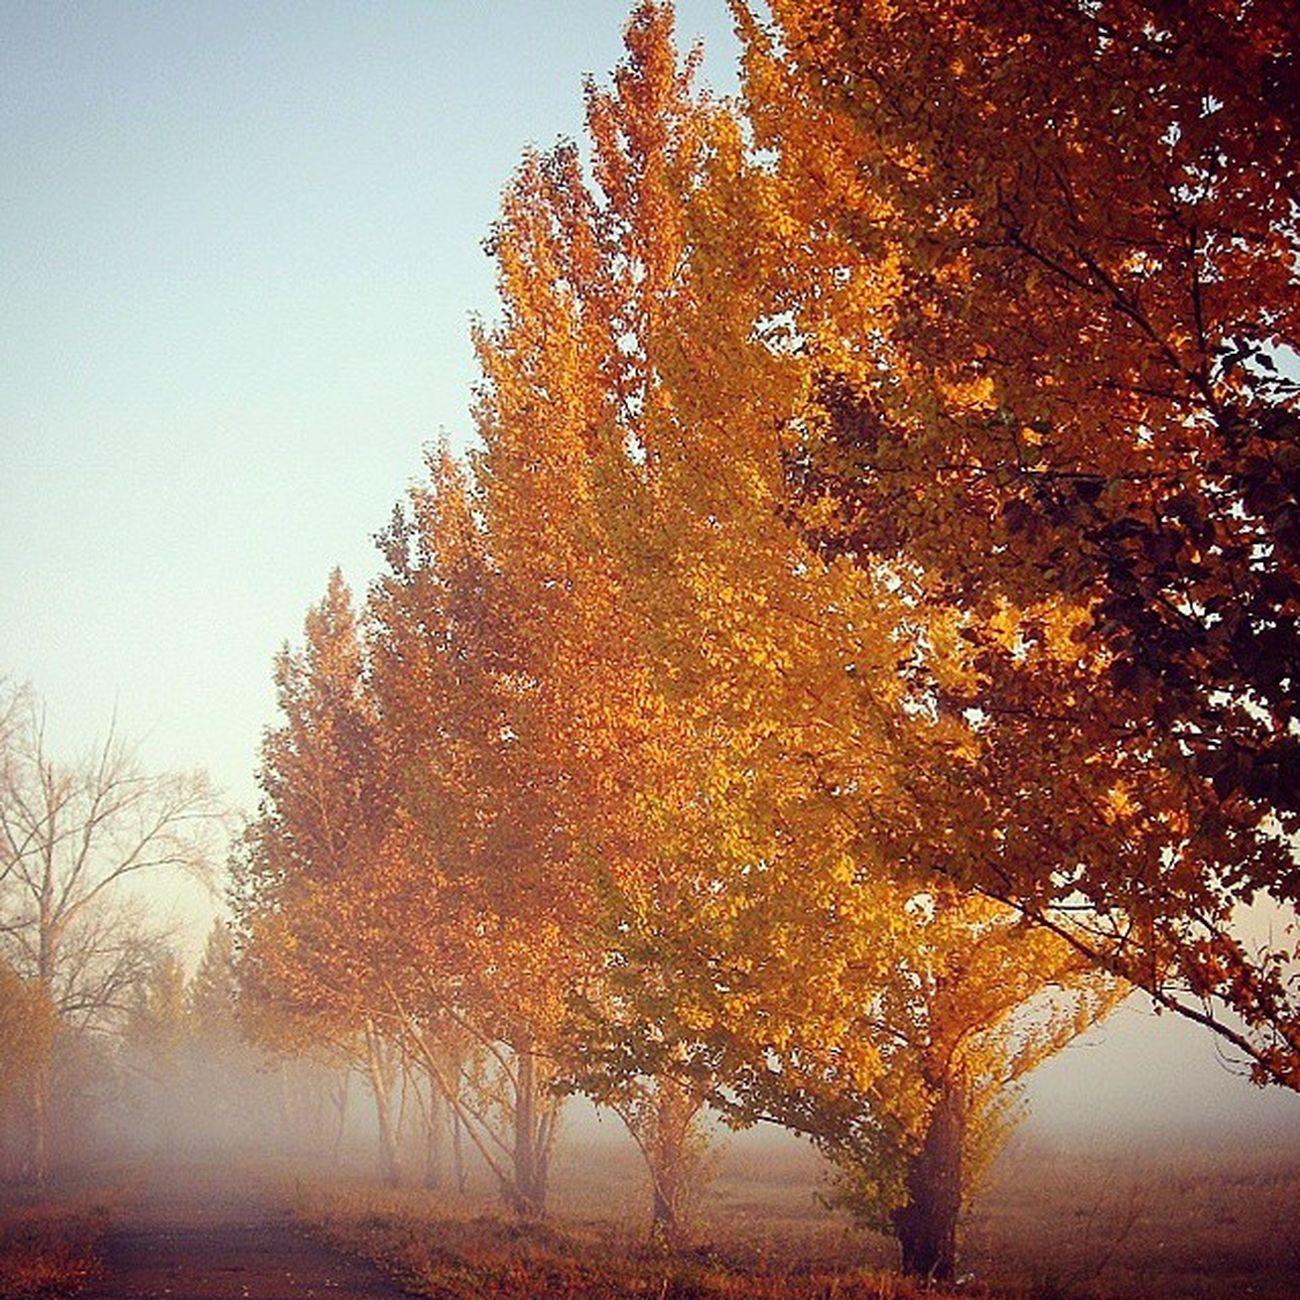 омск паркпобеды птичьягавань осень туман Fog Autumn CanonA550